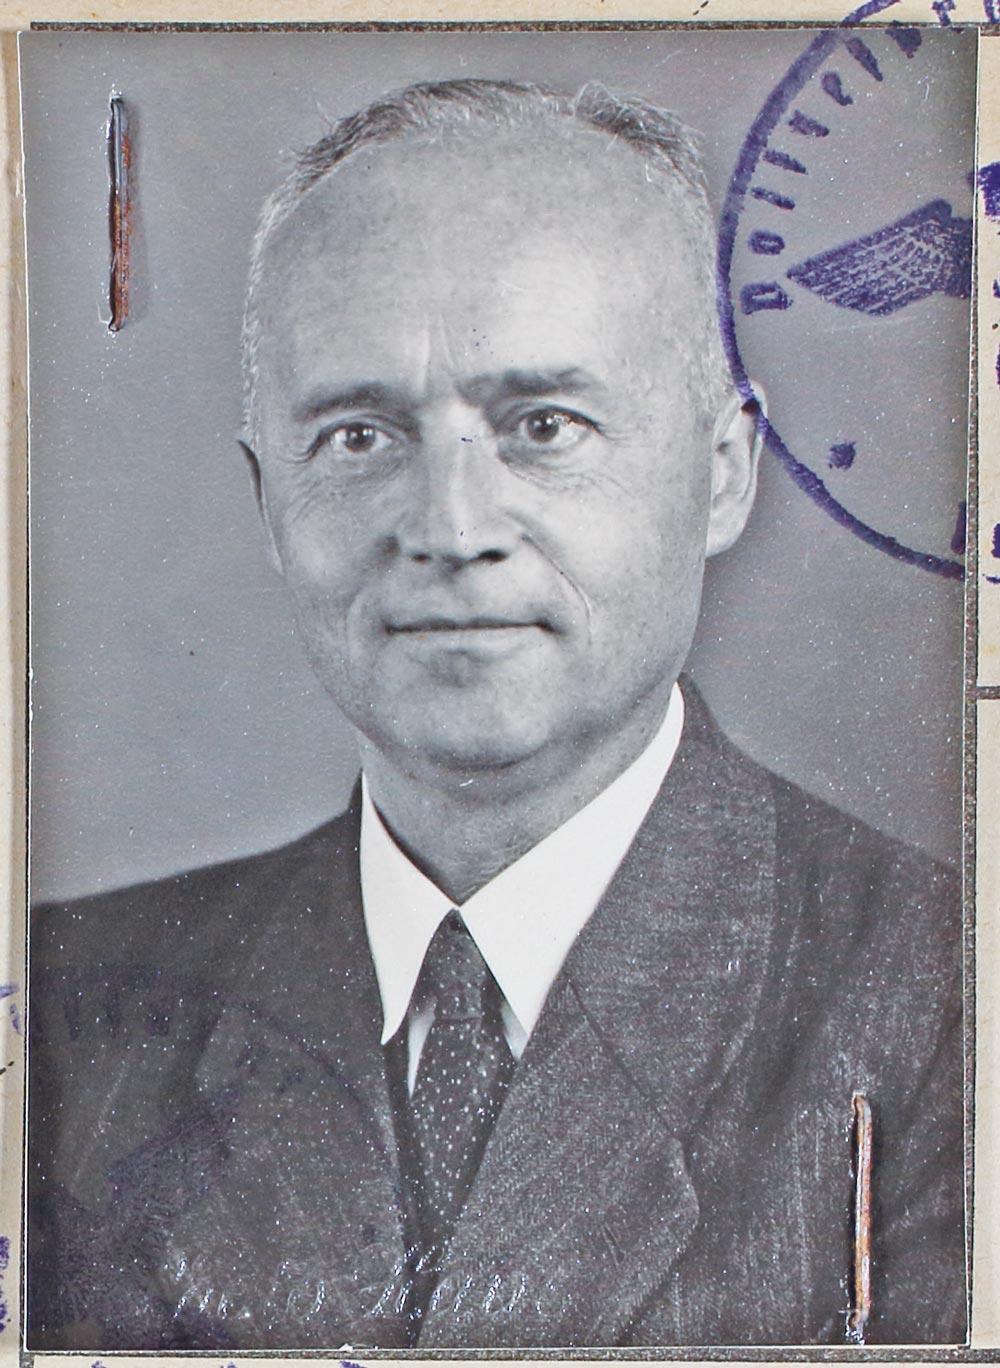 Paul Lieberknecht